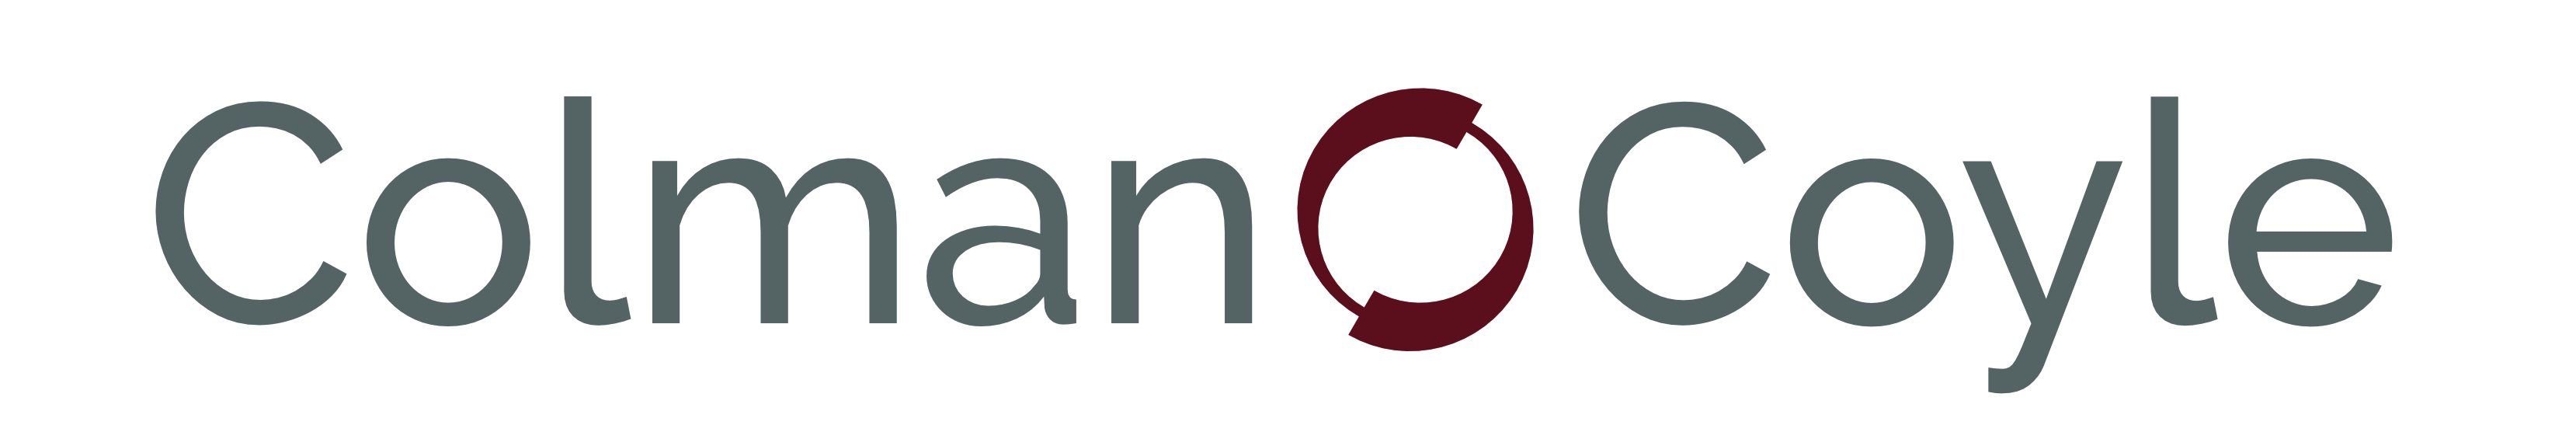 Colman Coyle logo